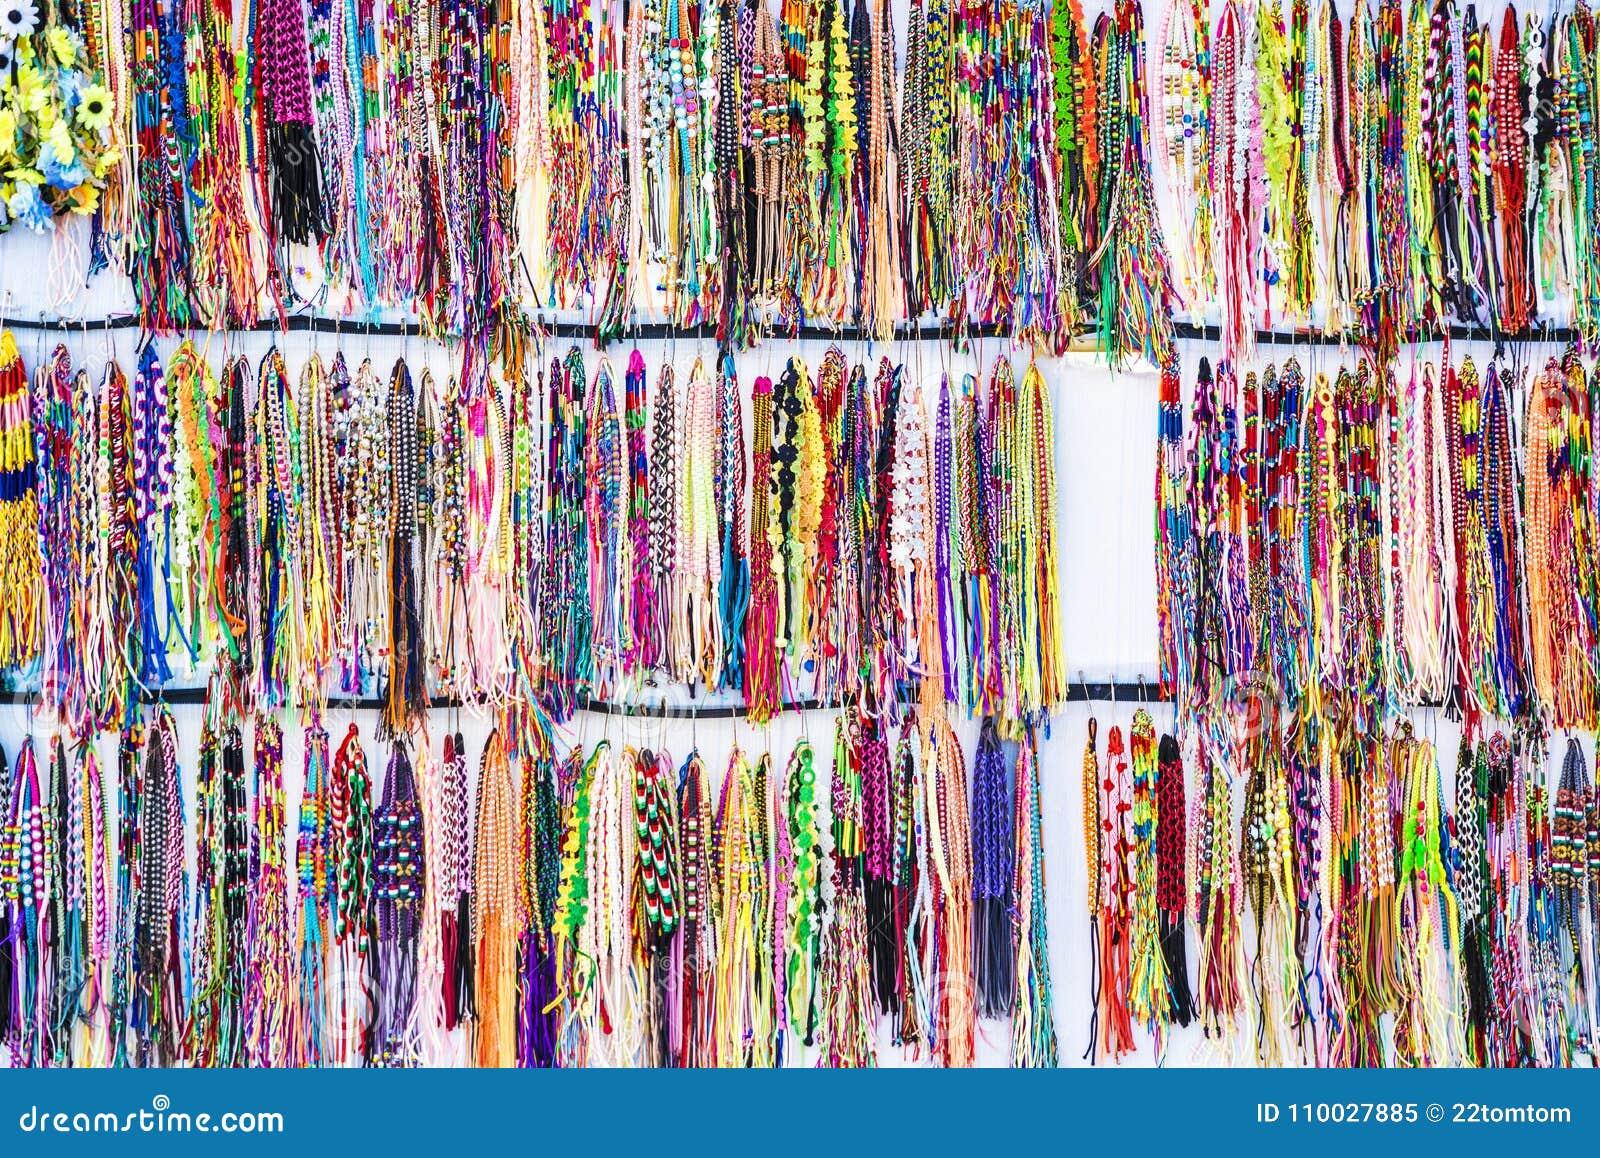 Grote verscheidenheid van veelkleurige armbanden in een herinneringswinkel